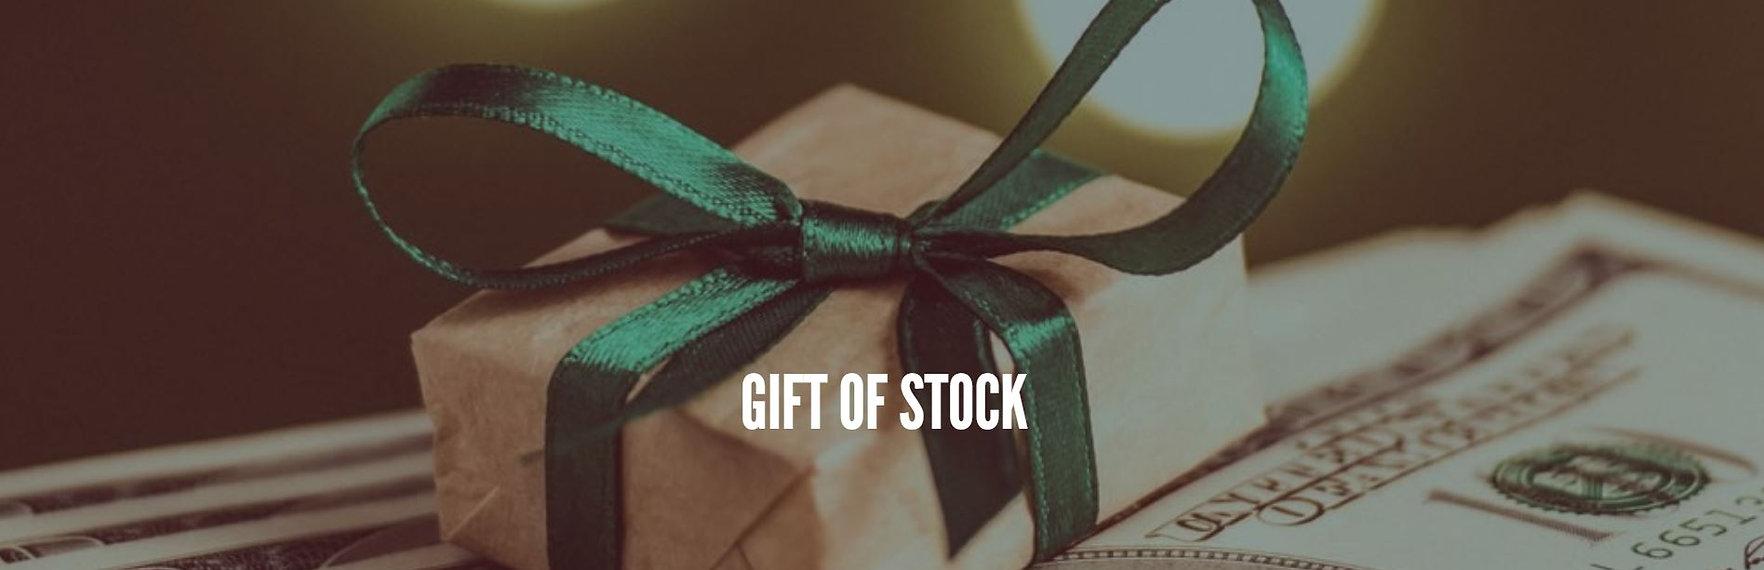 GIFT OF STOCK.JPG